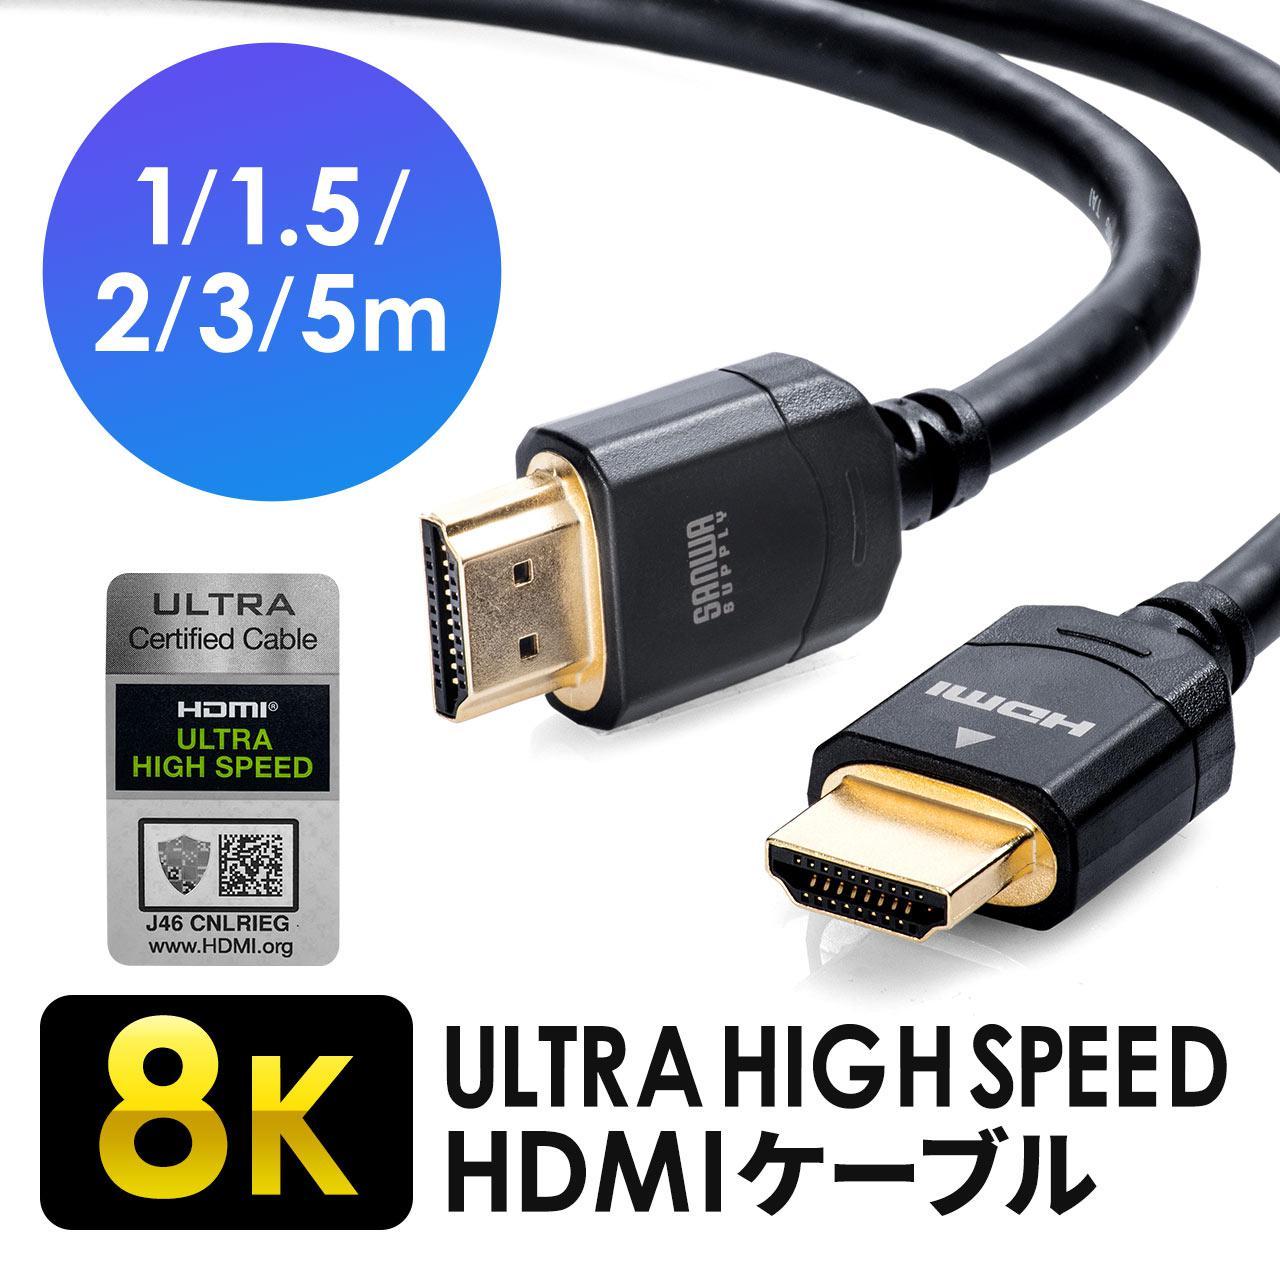 画像: ウルトラハイスピードHDMIケーブル(8K/60Hz・4K/120Hz対応 DynamicHDR eARC対応 48Gbps対応 Ultra High Speed HDMI Cable認証取得済)500-HD024の販売商品 | 通販ならサンワダイレクト